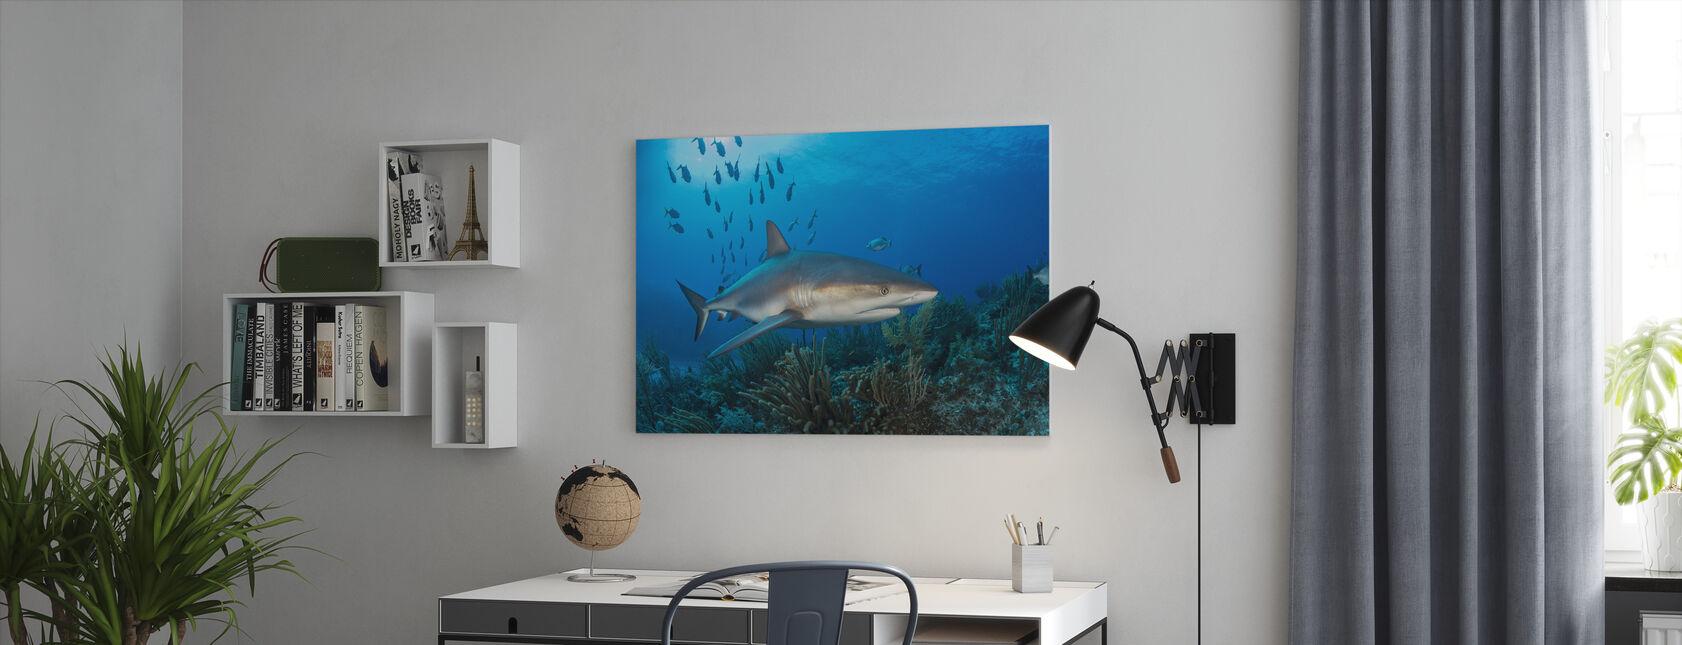 Caraïbische rif haai - Canvas print - Kantoor